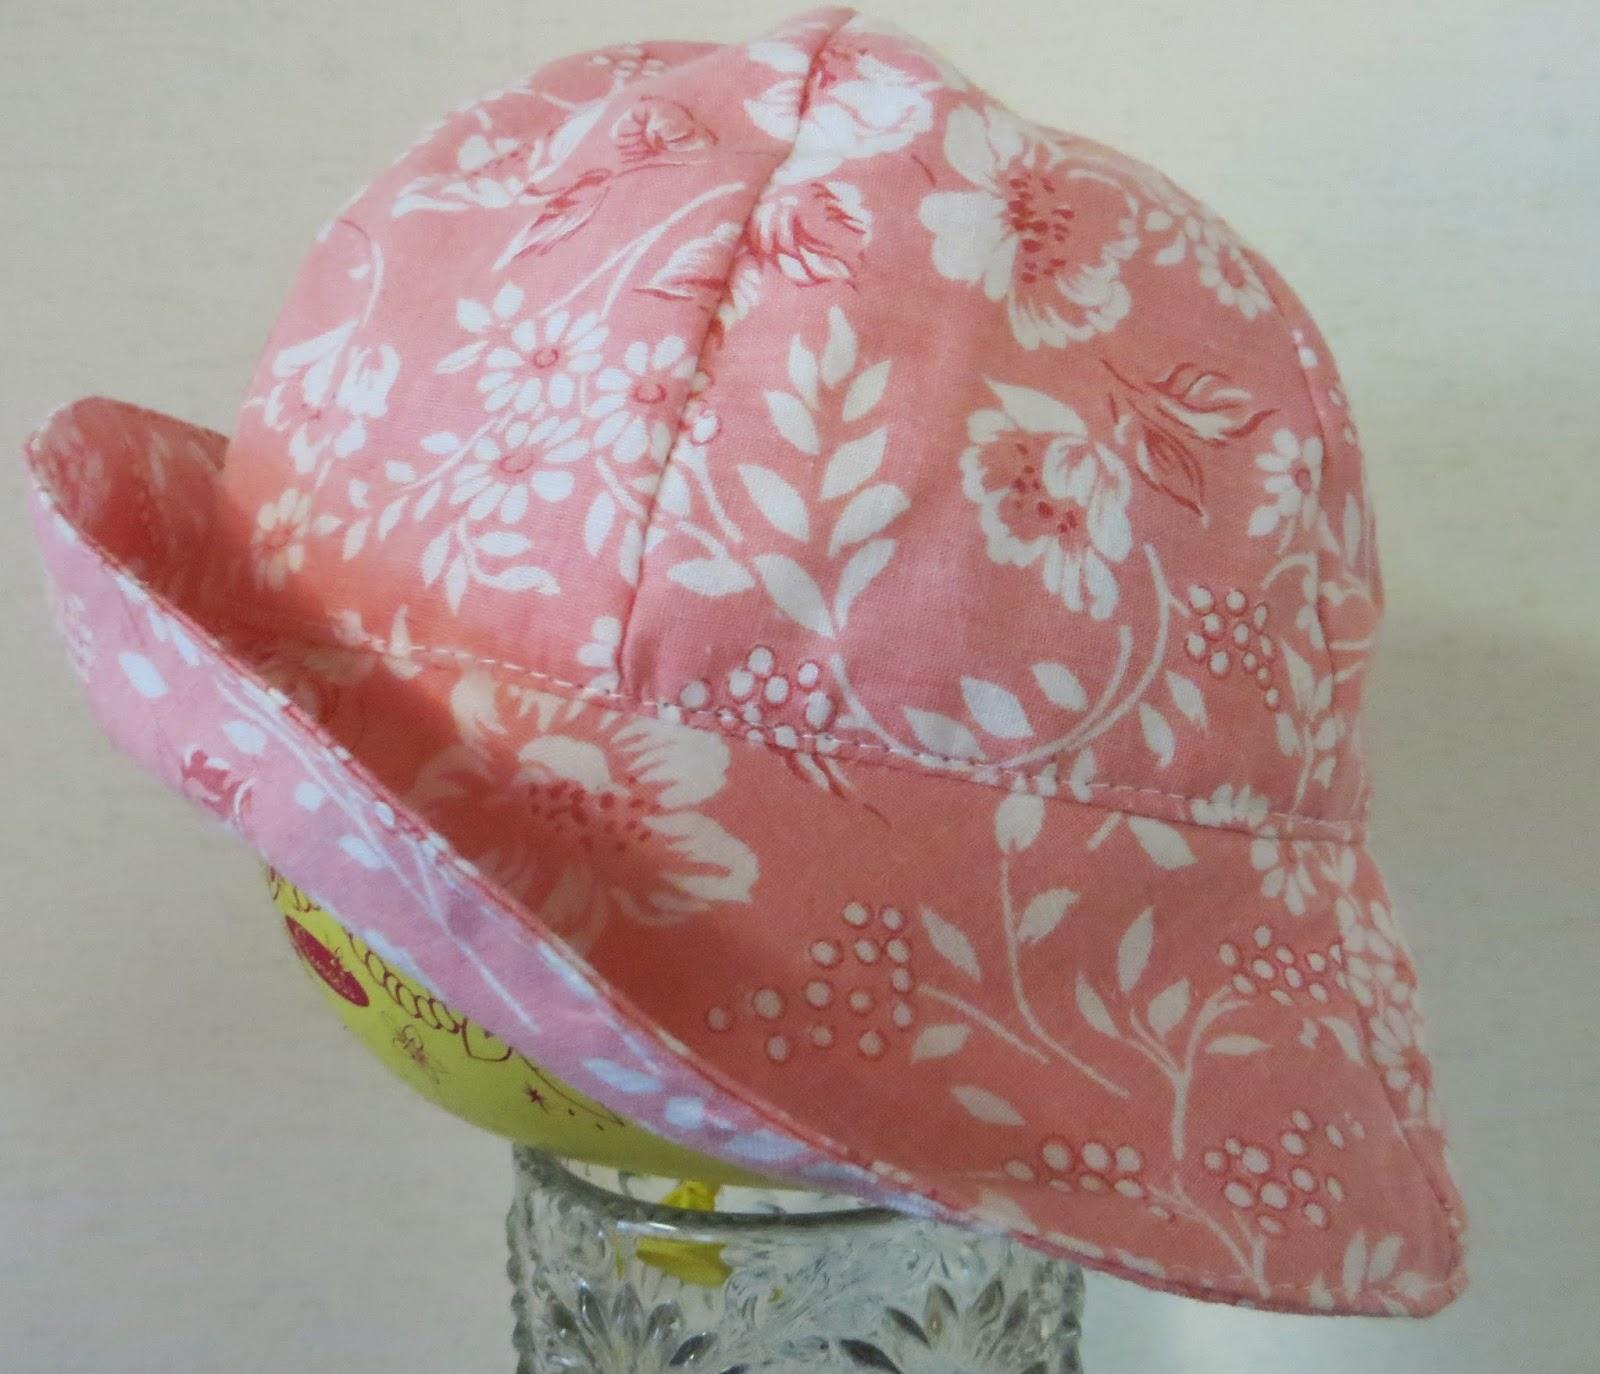 Hattu 2  Hempeä vaaleanpunapohjainen lierihattu pidettäväksi joko lieri  suorana tai käännettynä. Hatun sisämitta 48 cm. d87f71d6c8